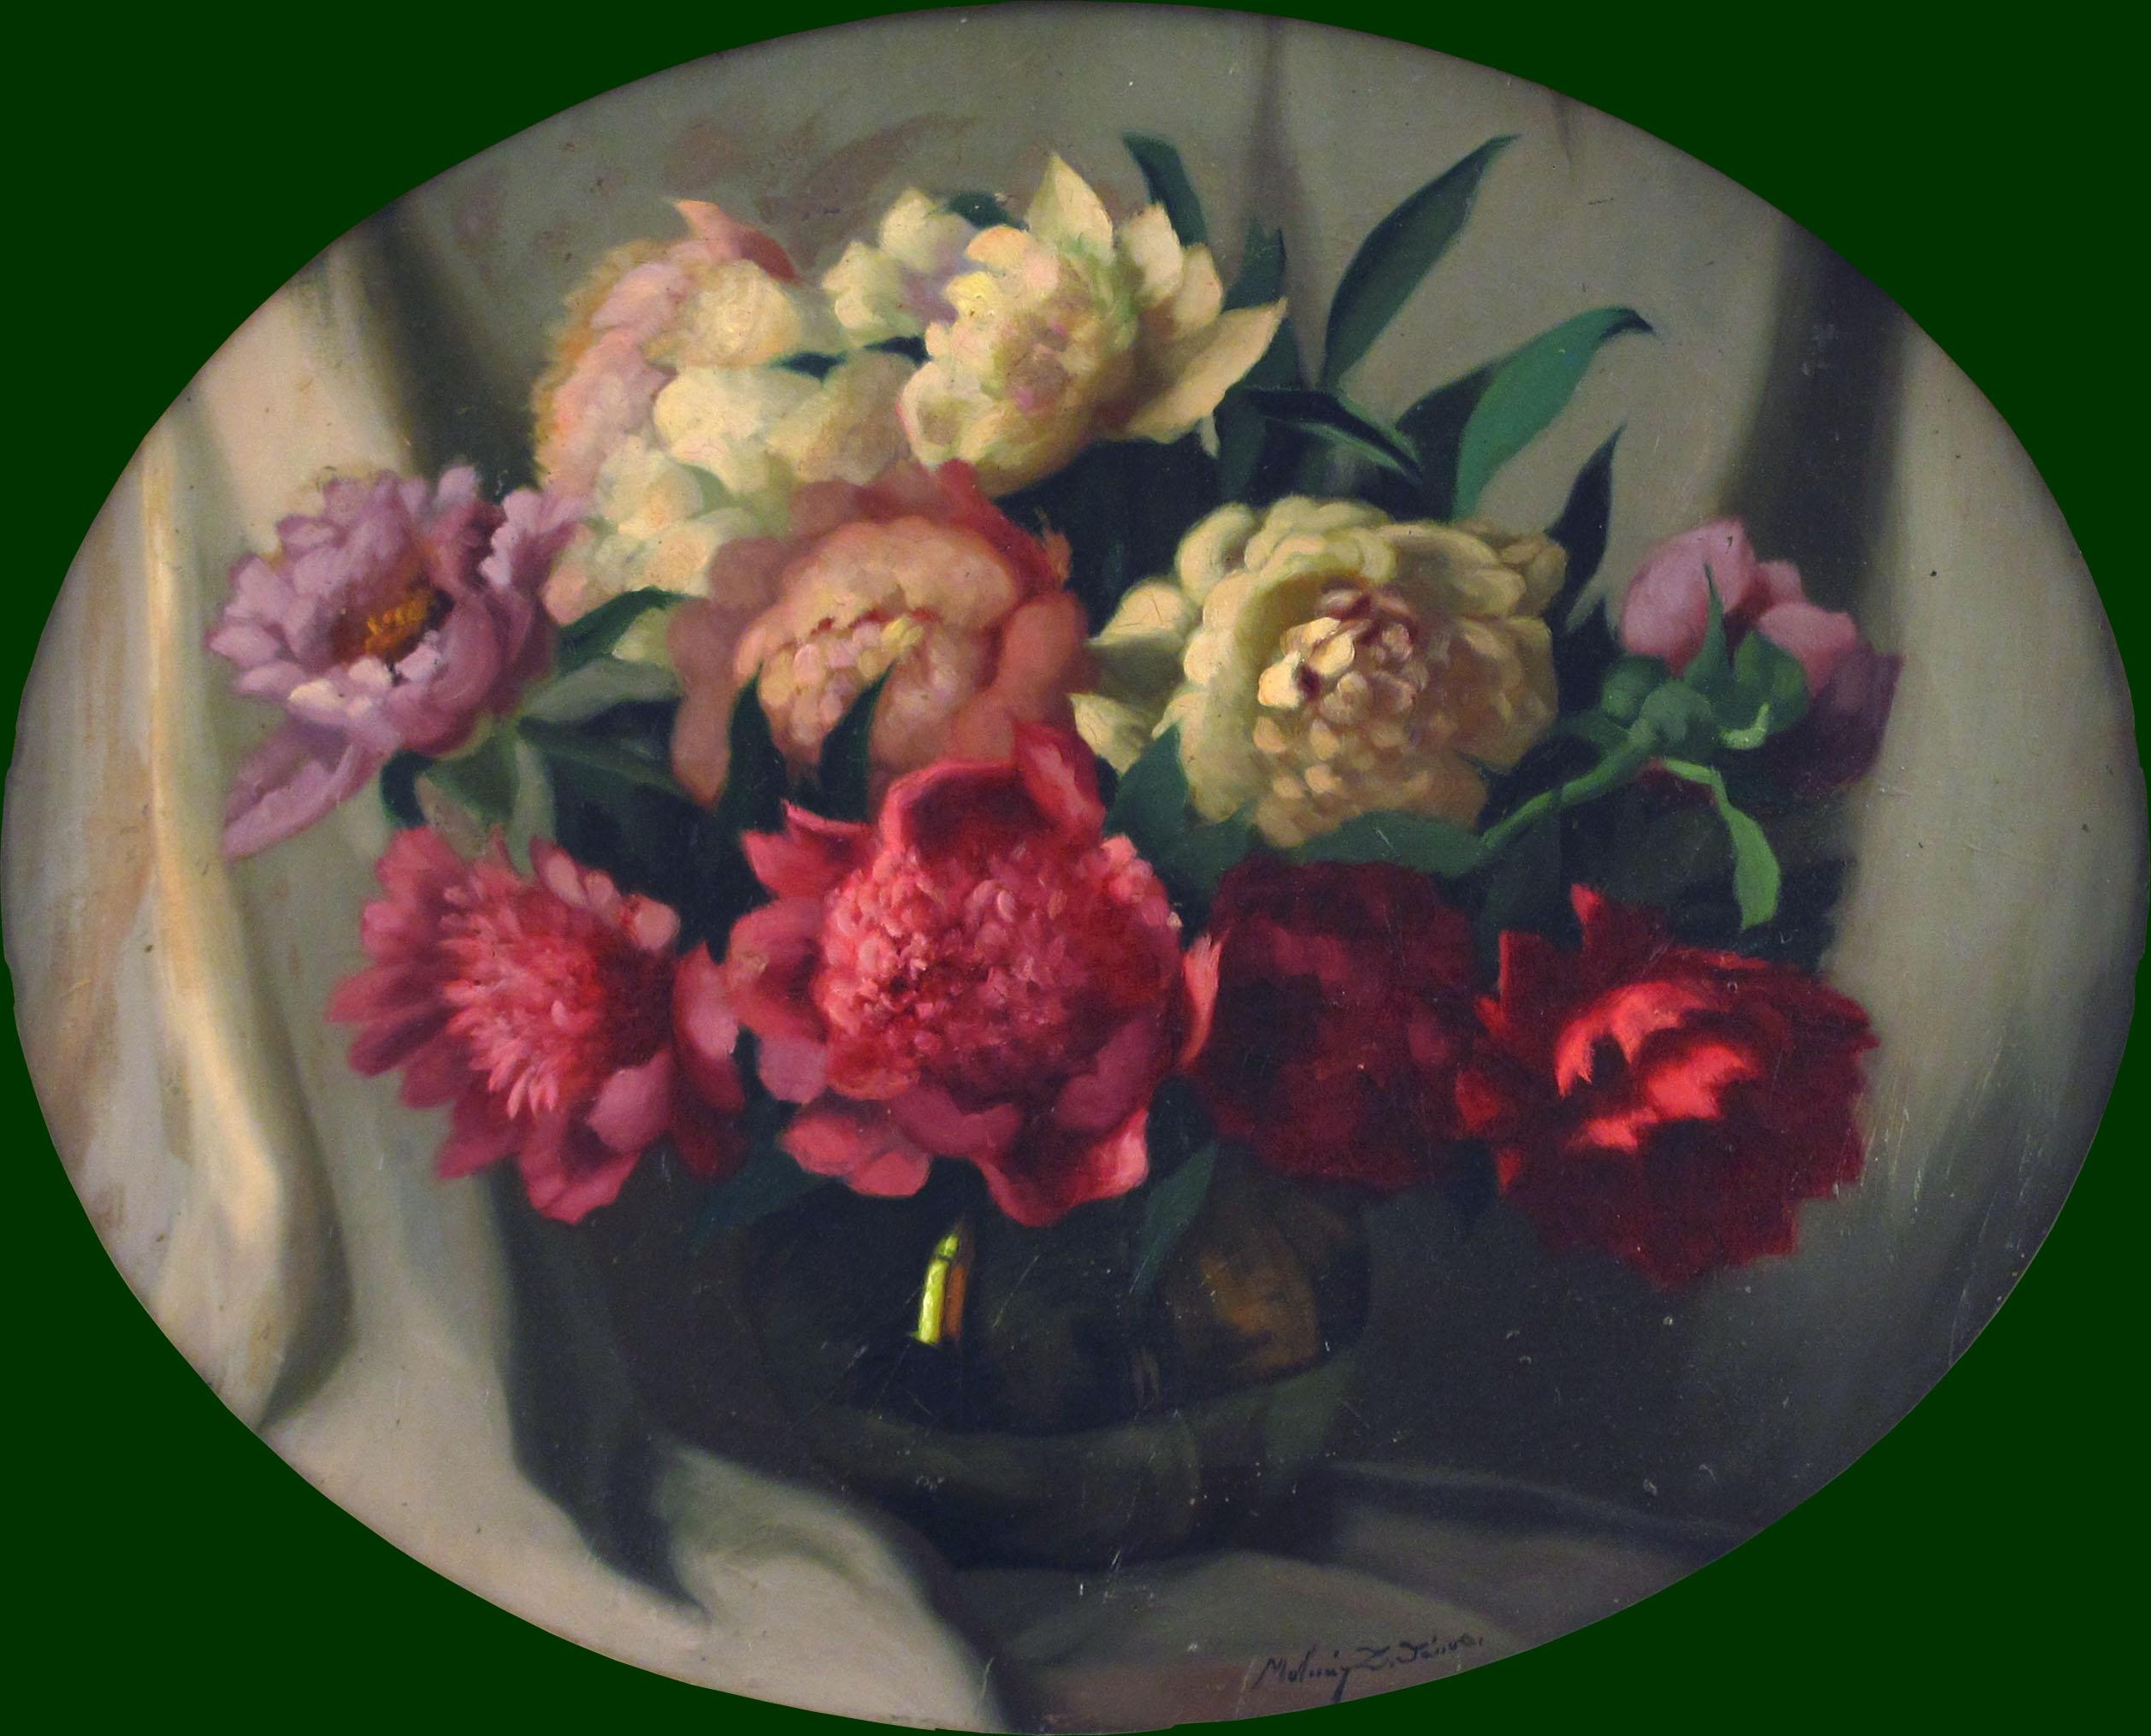 401-1kn.jpg (2515×2030)